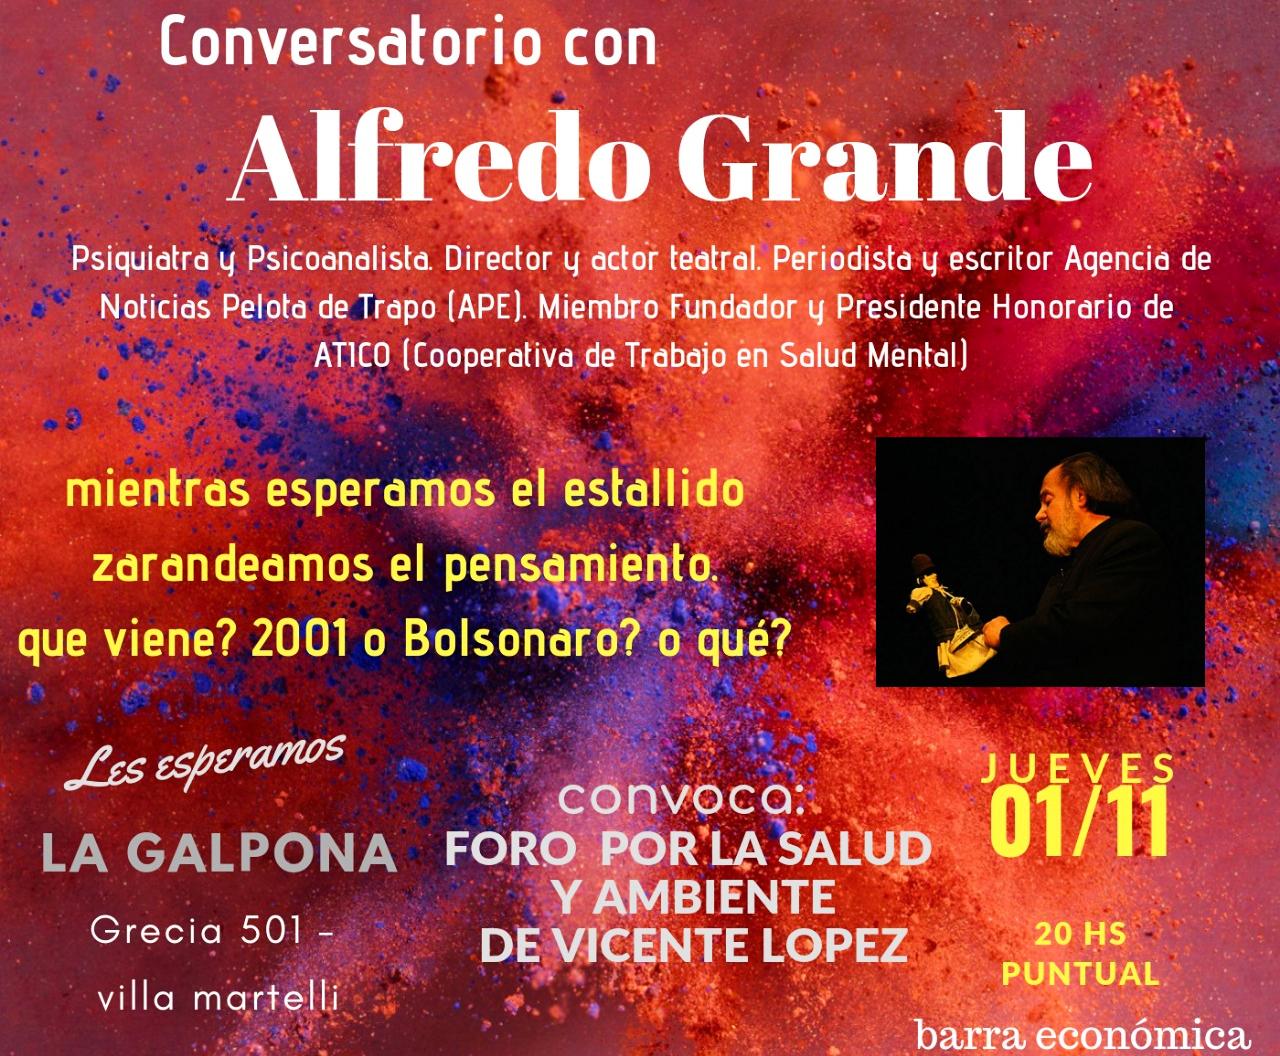 Charla/debate con Alfredo Grande en La Galpona